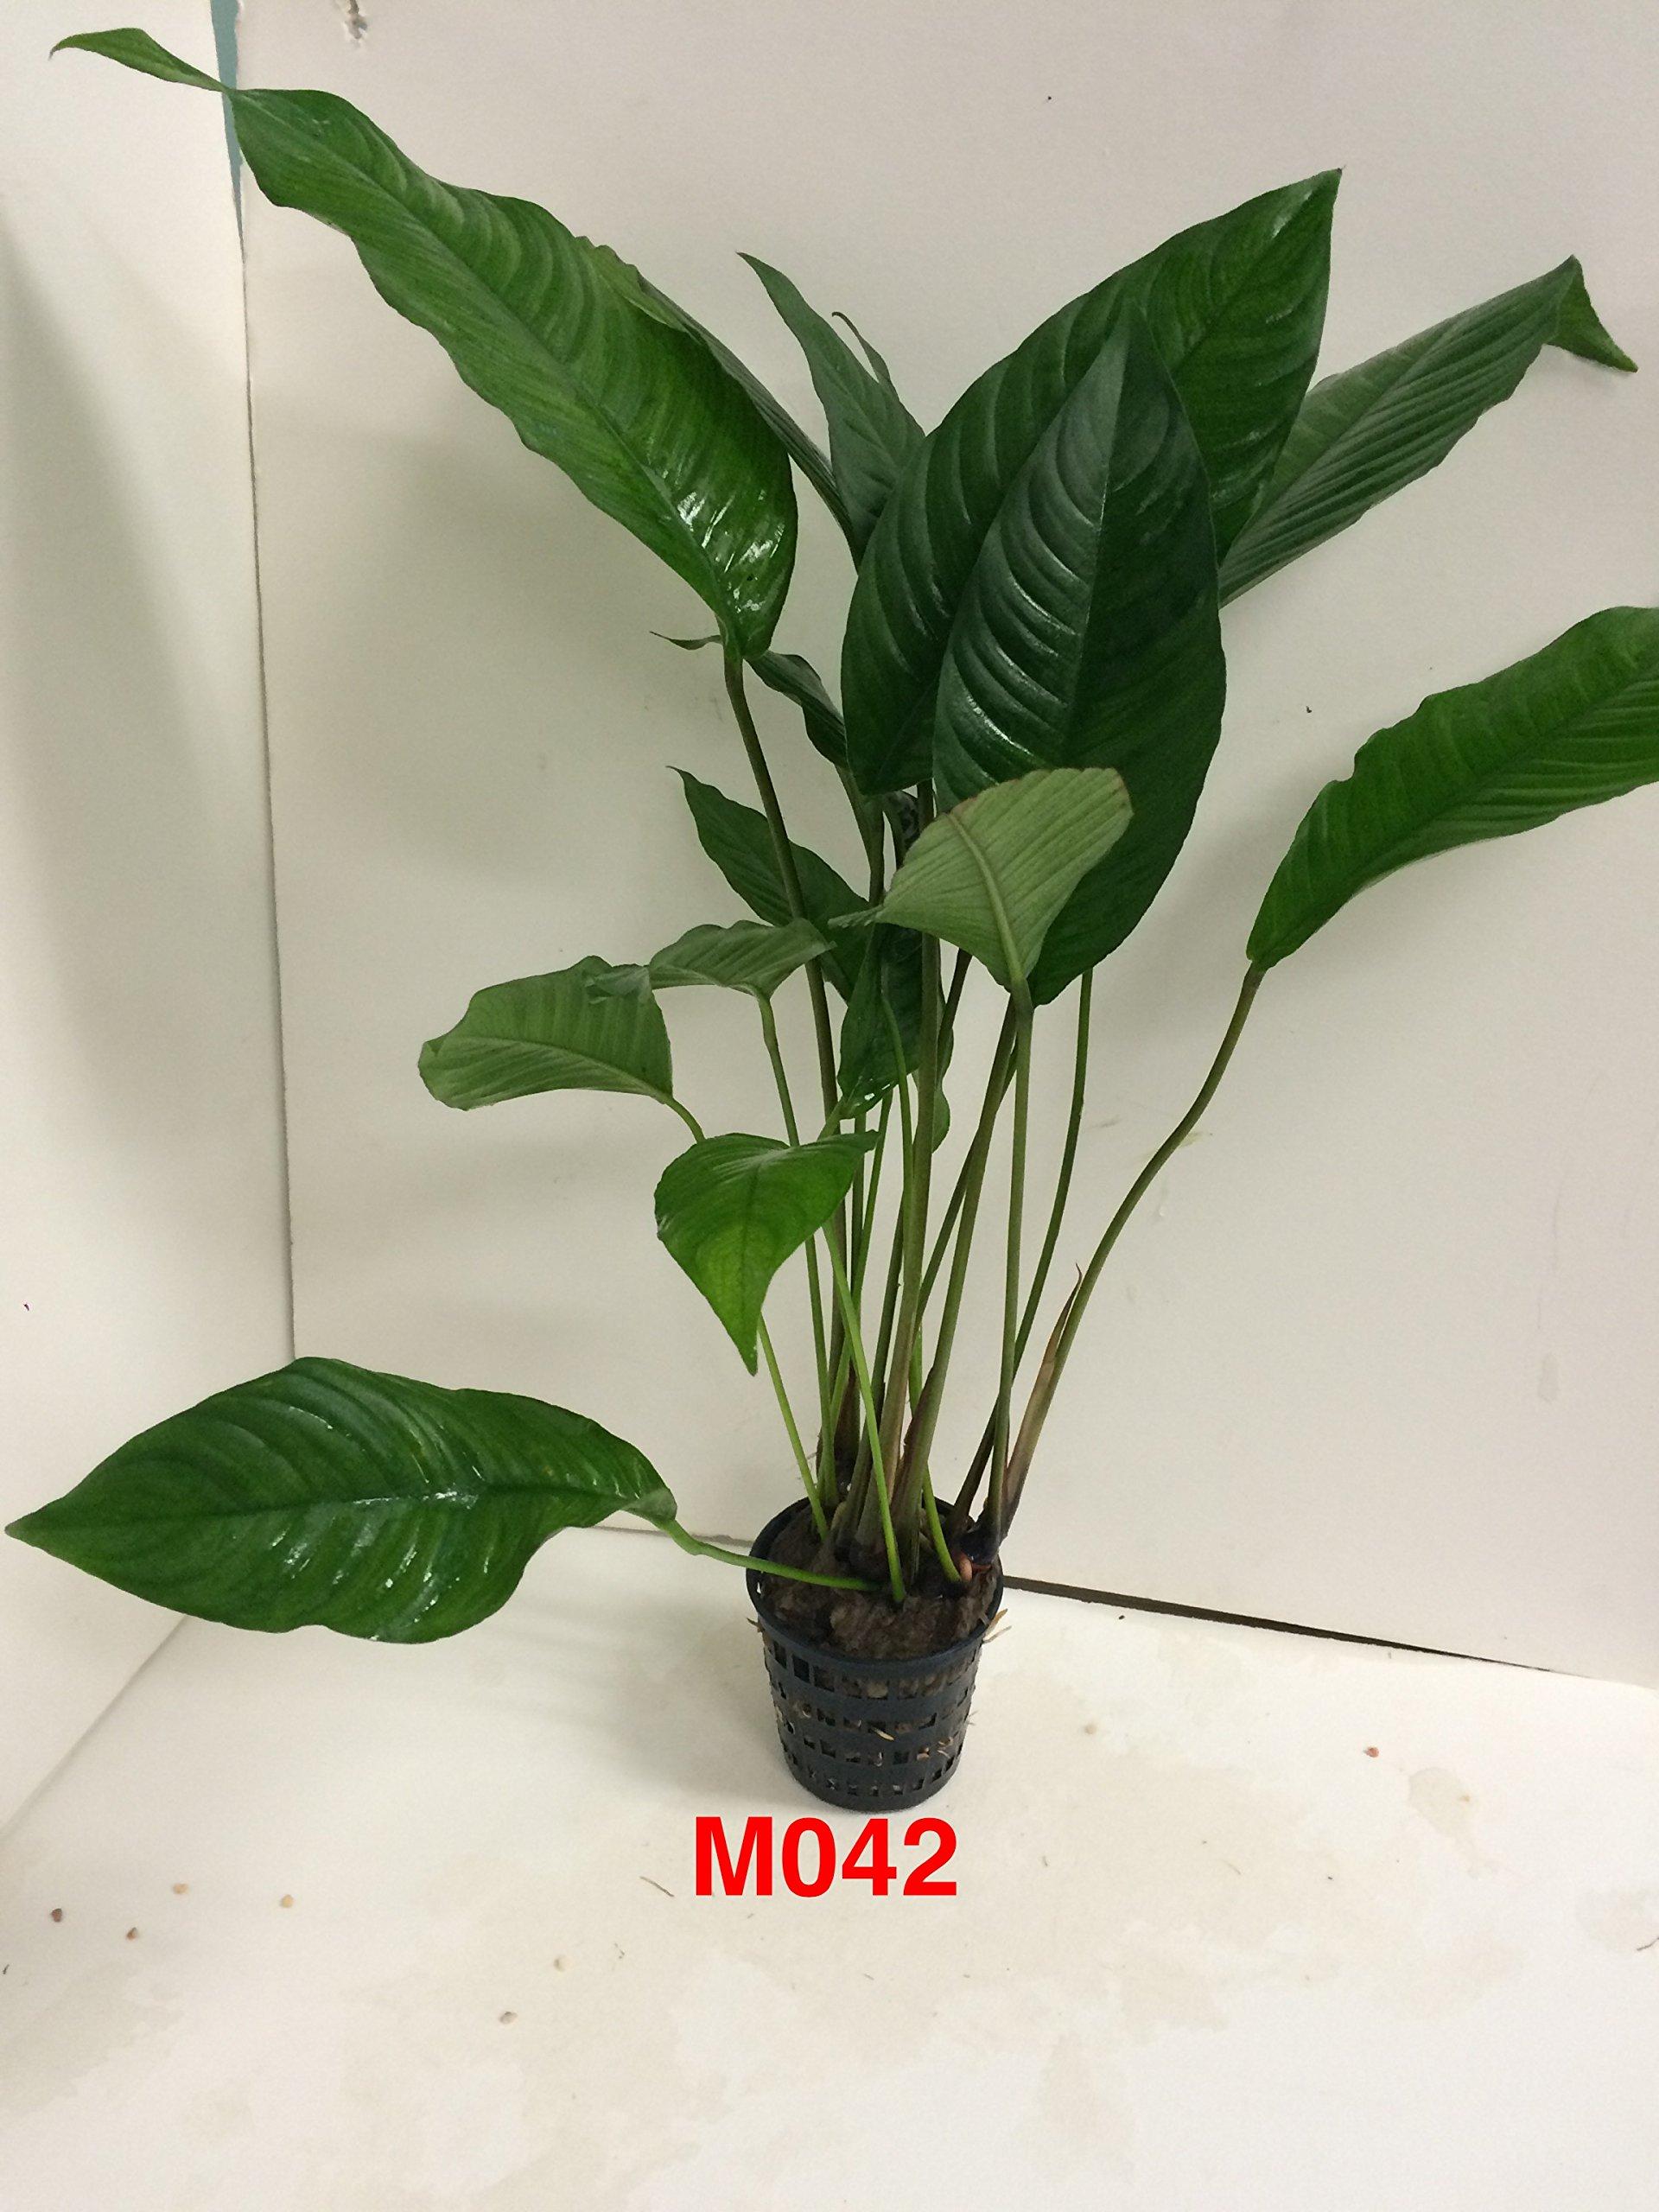 Anubias heterophylla Mother Pot Plant M042 Live Aquatic Plant